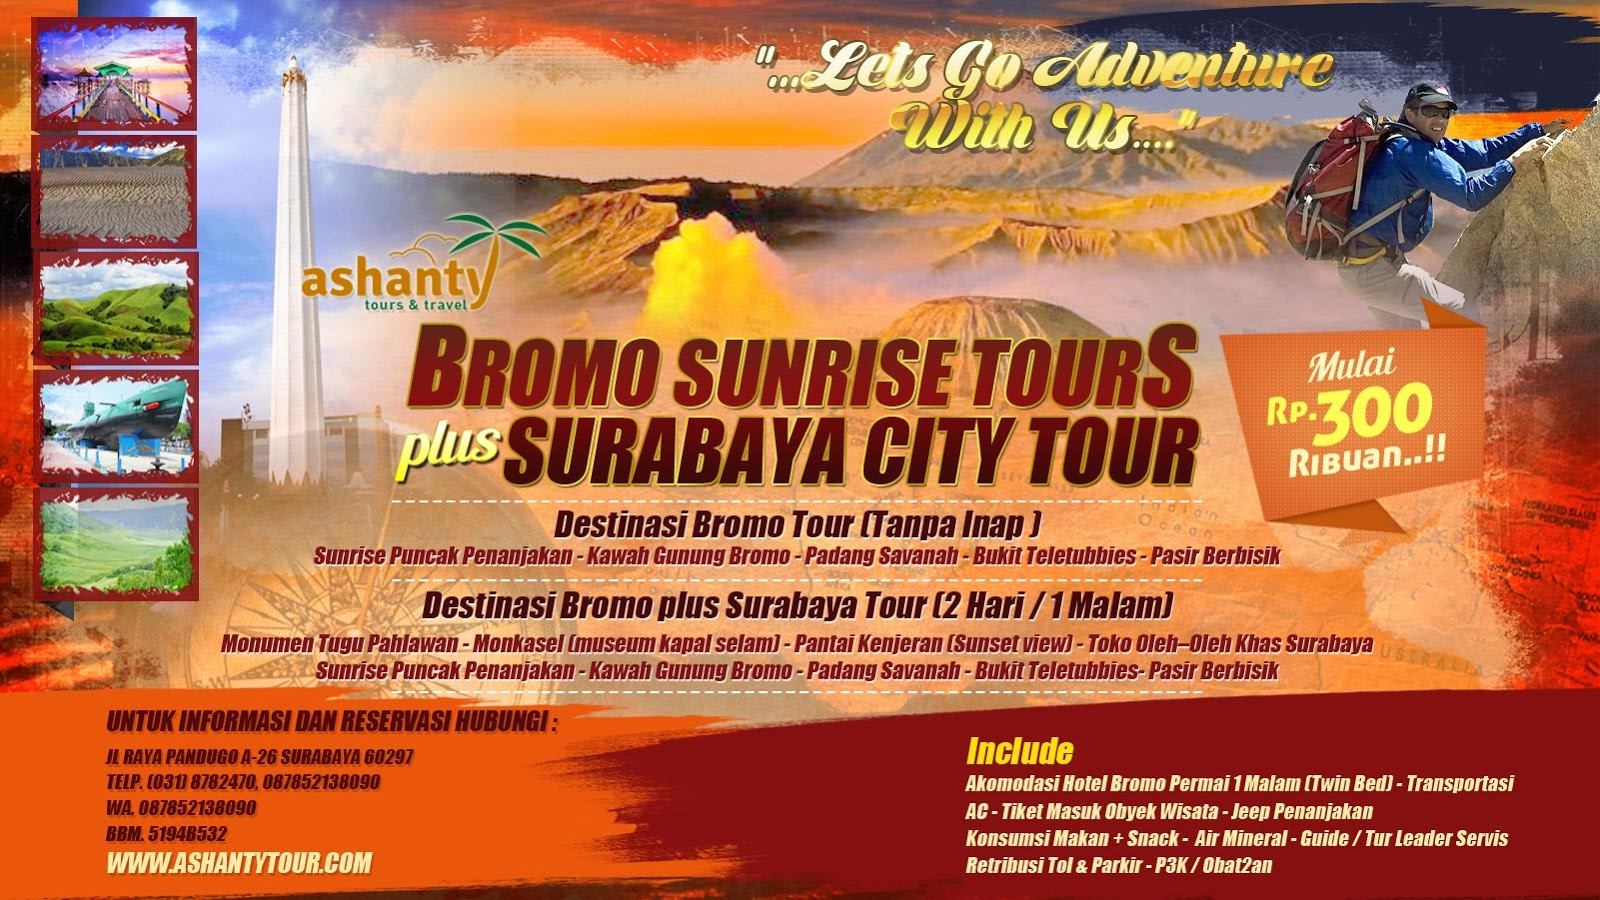 paket liburan ke bromo murah, paket wisata bromo dari surabaya, paket tour bromo murah dari surabaya